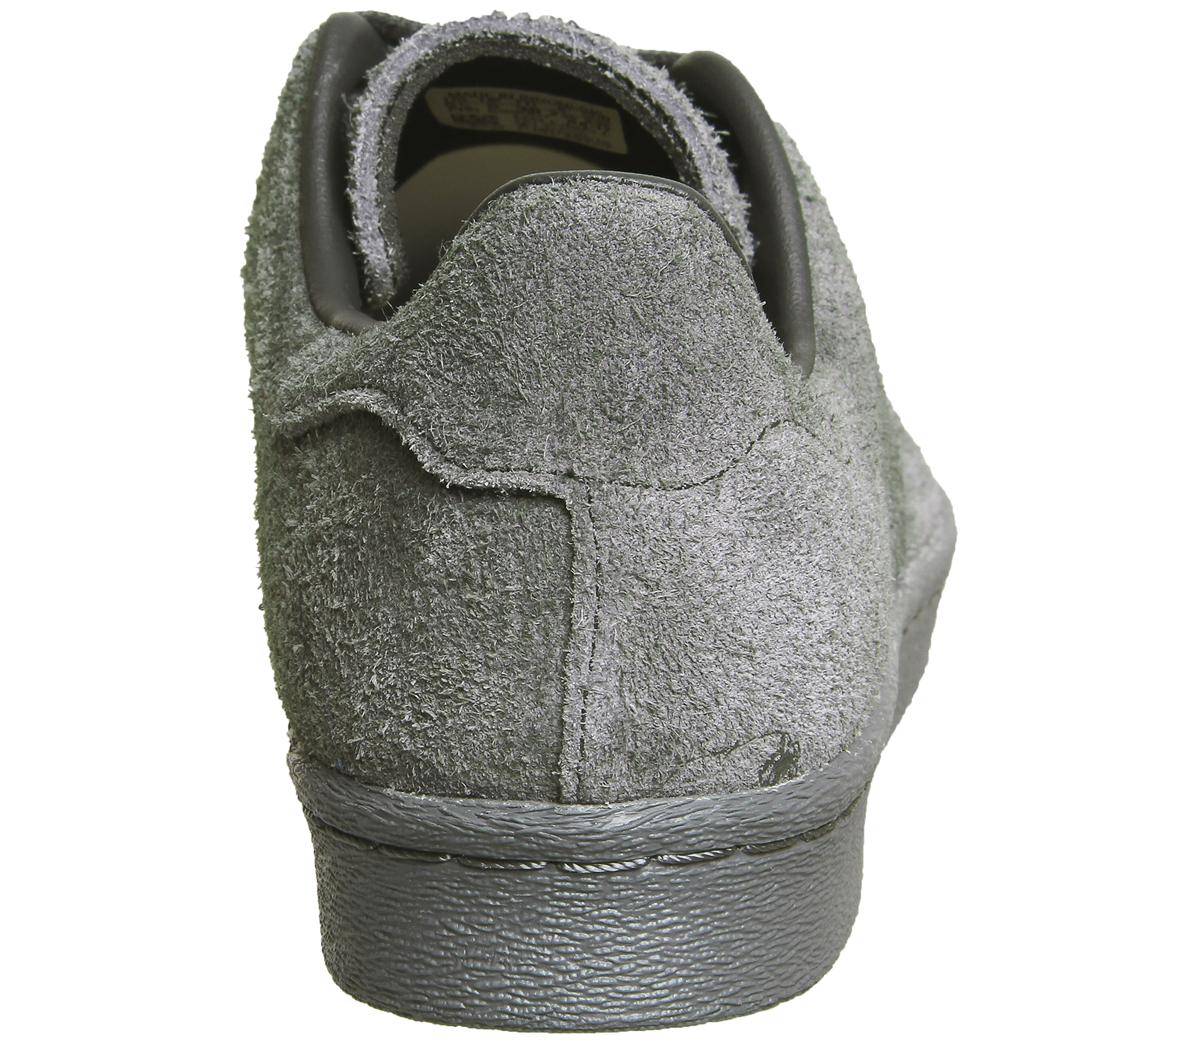 Adidas Uomini Superstar Degli Anni '80 Uomini Adidas Originali Pulito Merletto Formatori In Grigio 25b540